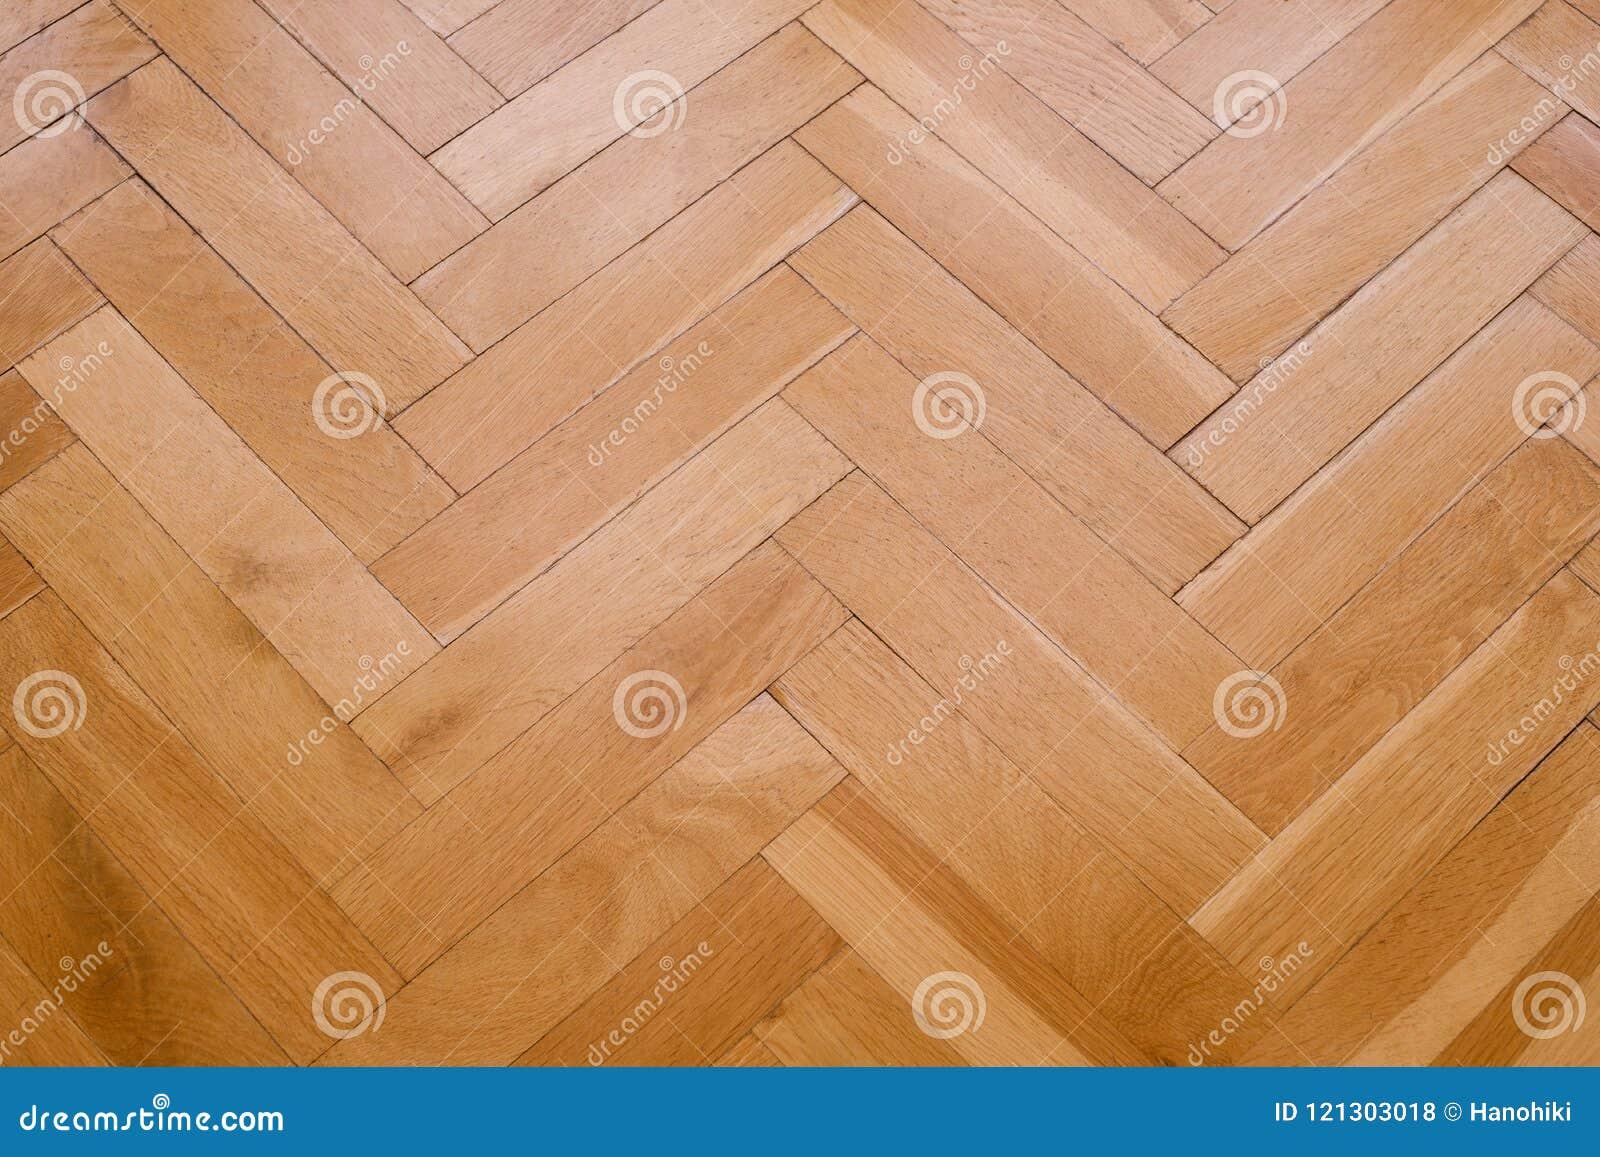 Parketvloer, houten vloerclose-up - visgraat,